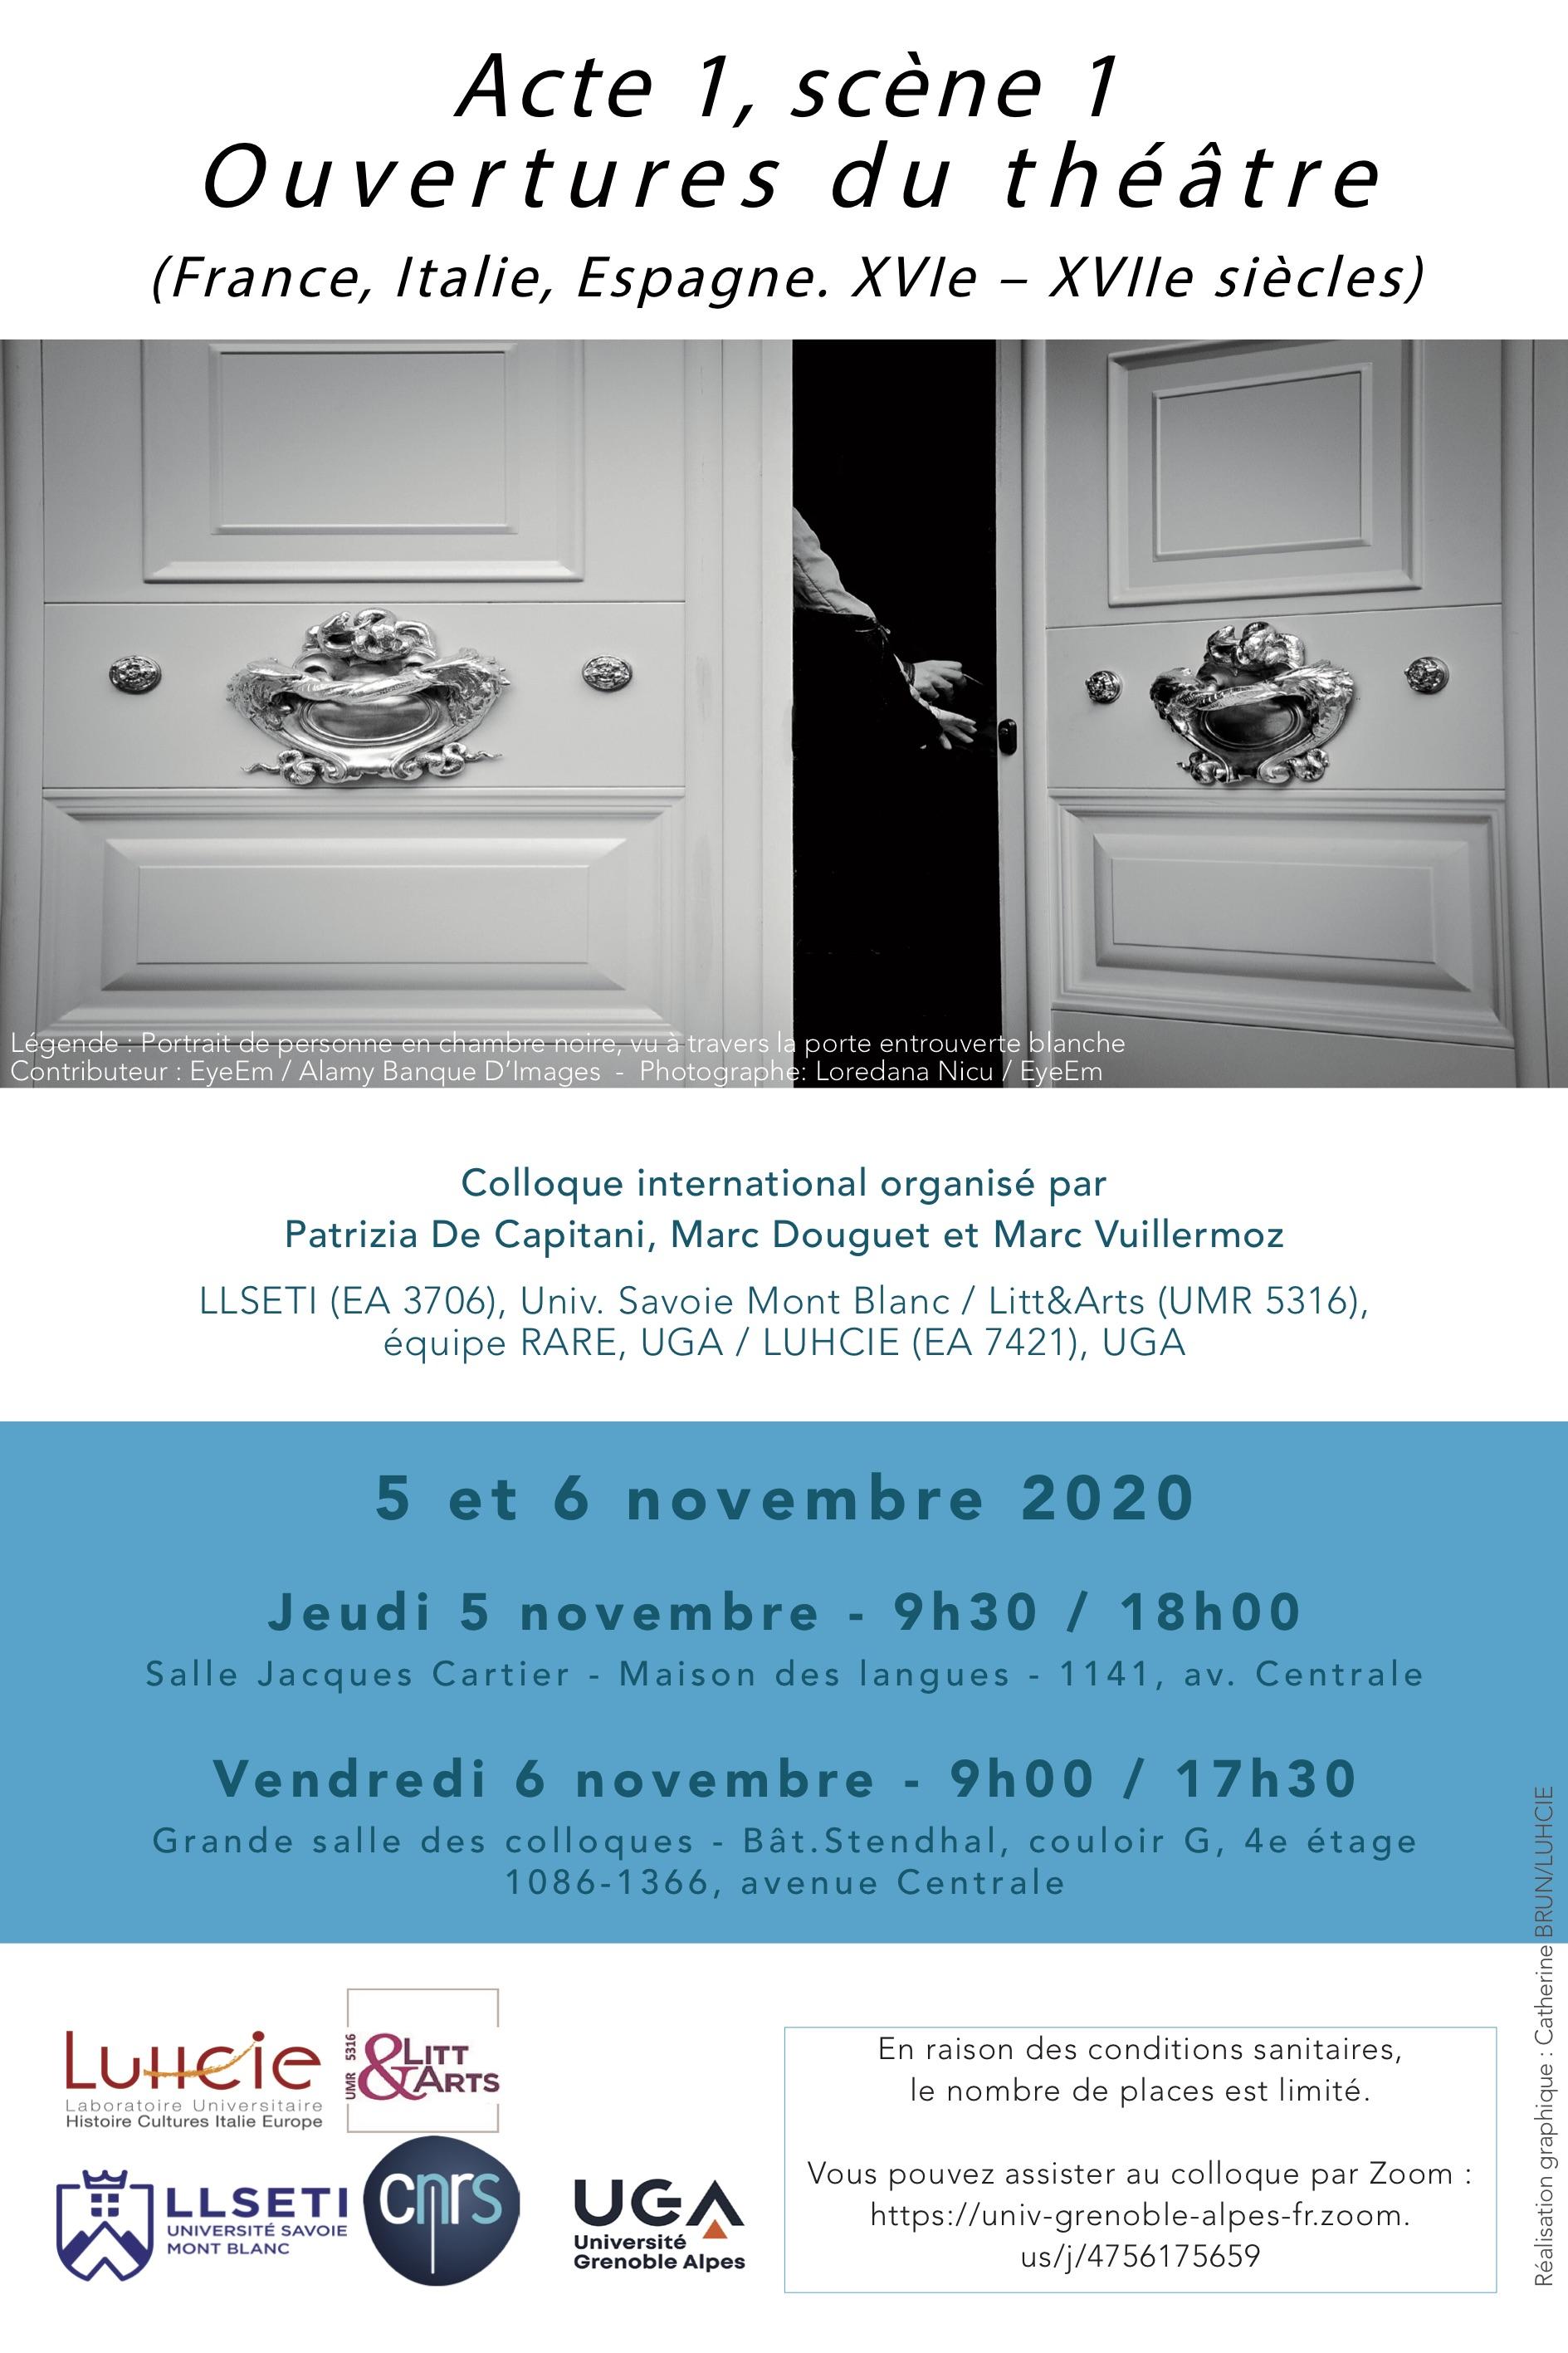 Acte I, scène 1. Ouvertures du théâtre. France, Italie, Espagne. XVIe – XVIIe s. (Grenoble, en ligne)